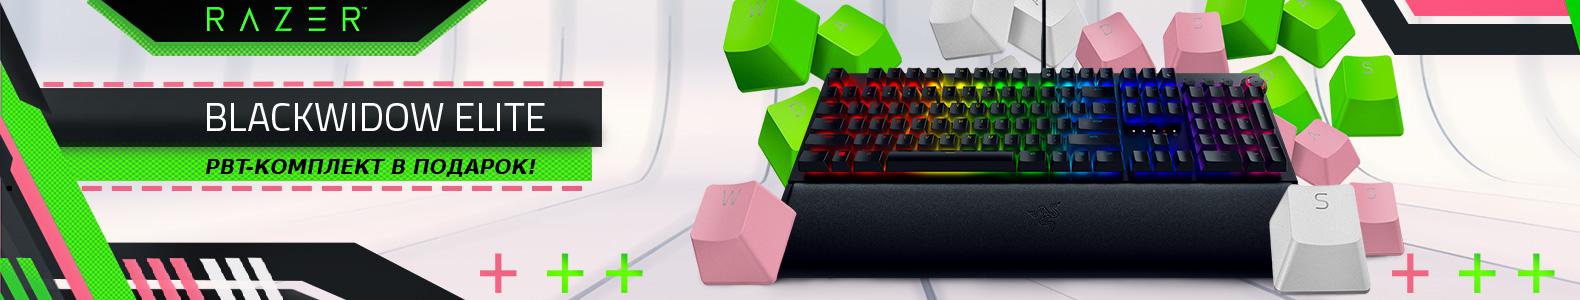 Подарок к клавиатуре Razer BlackWidow Elite